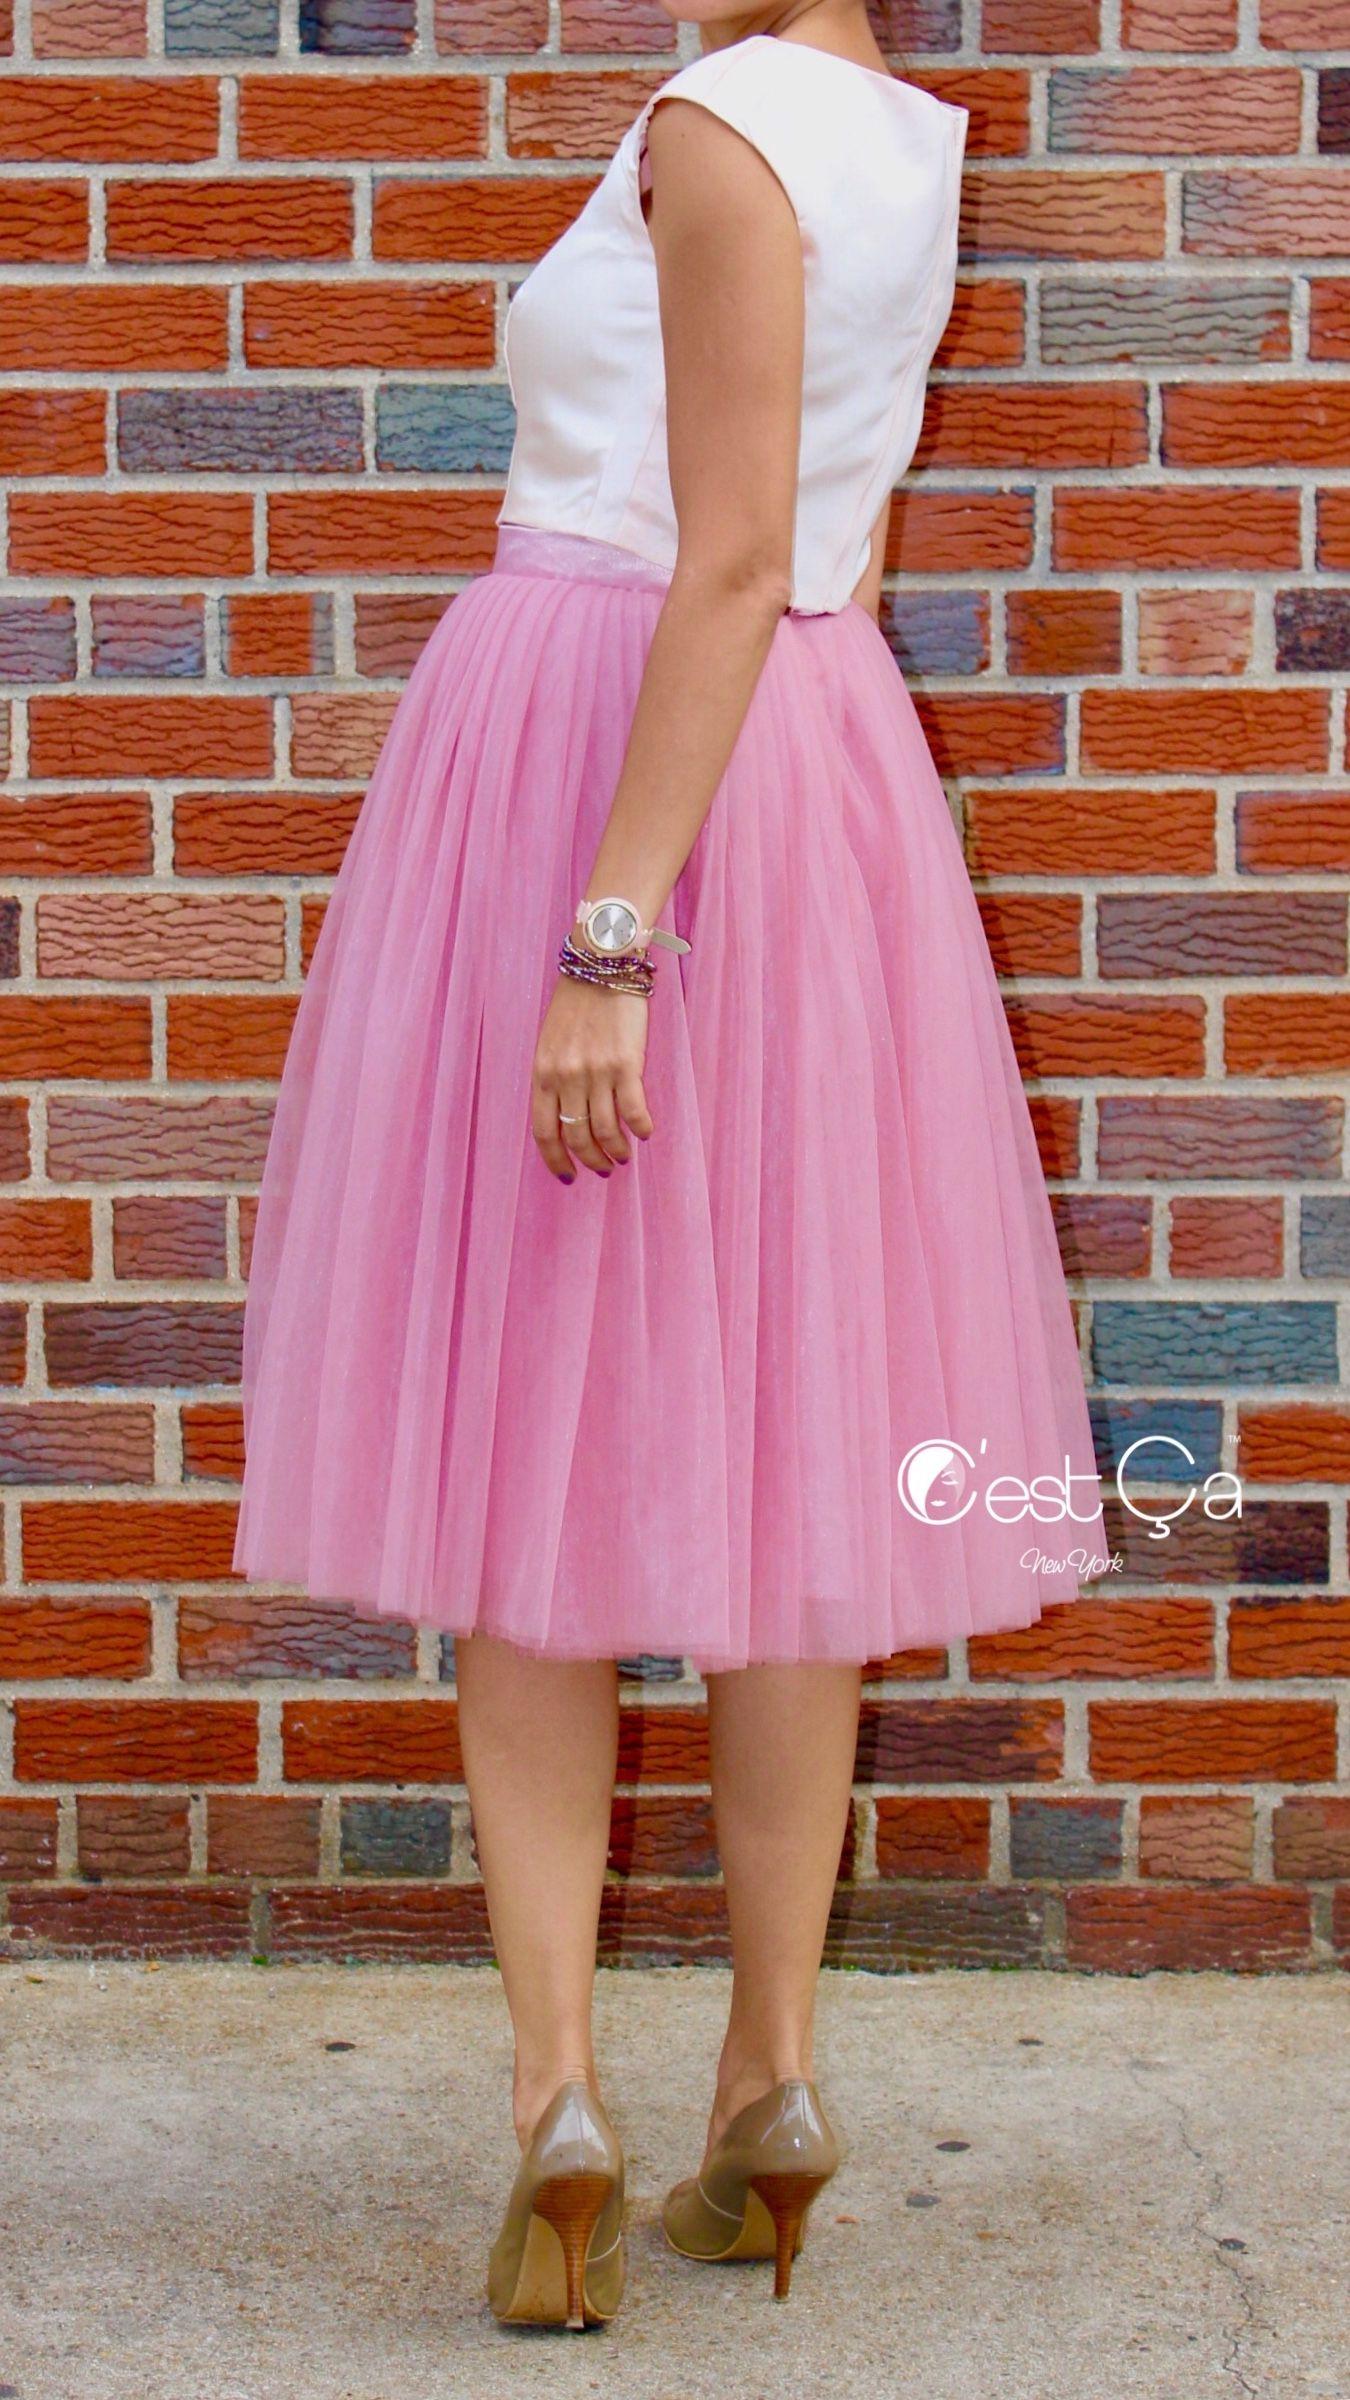 5a9dc23a18 Pink Skirt, Tulle Skirt, Tutu Skirt, Fashion Skirt, Handmade Skirt,  Bridesmaids Skirt, Bridal Skirt, White Top